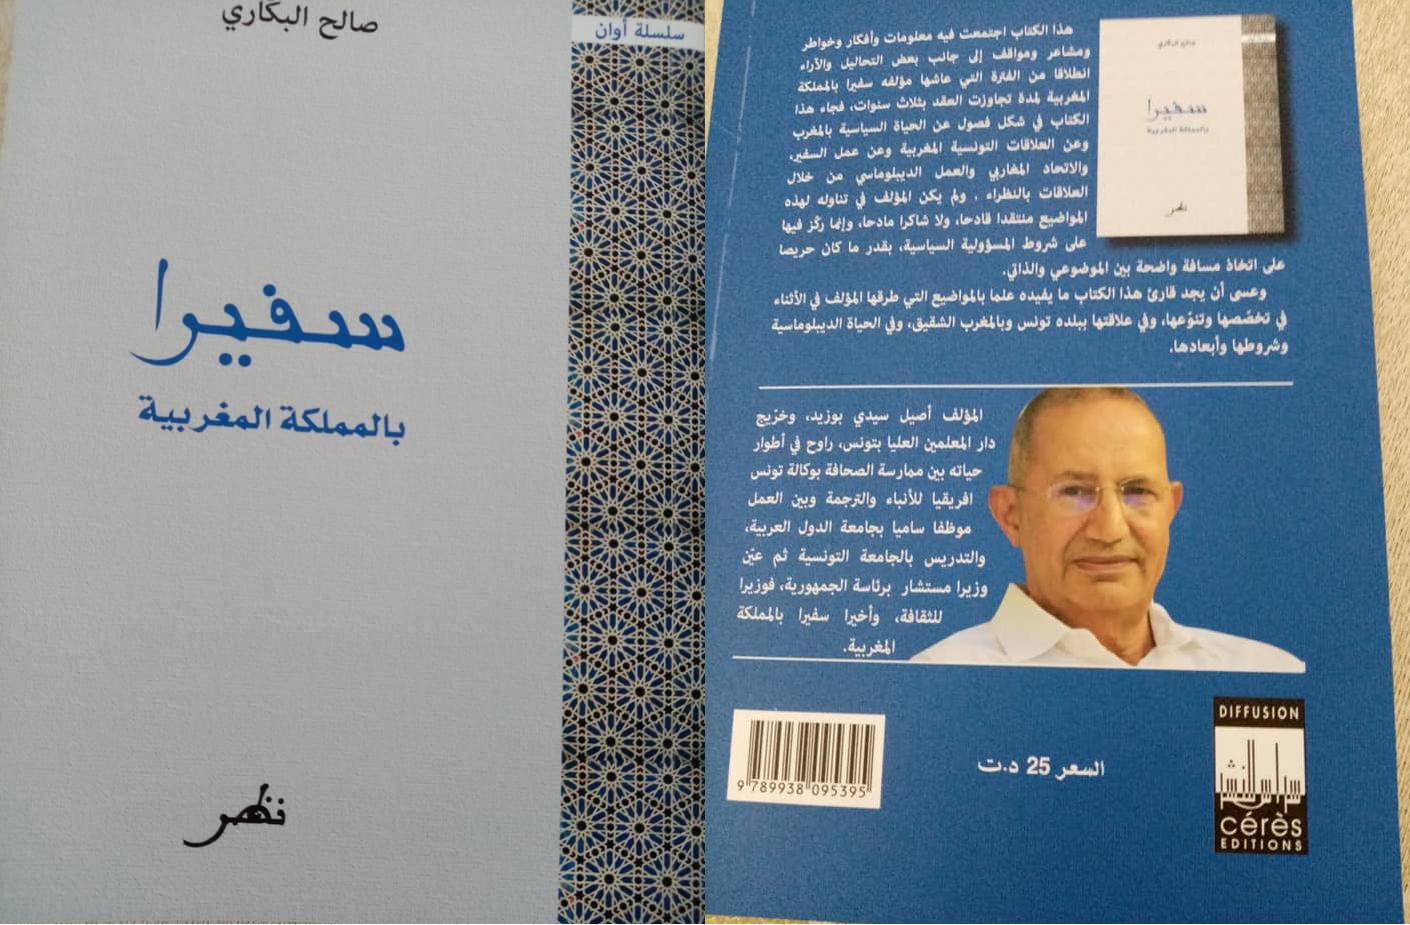 صالح البكاري في كتاب جديد في علم الاجتماع السياسي والشراكة بين تونس والرباط